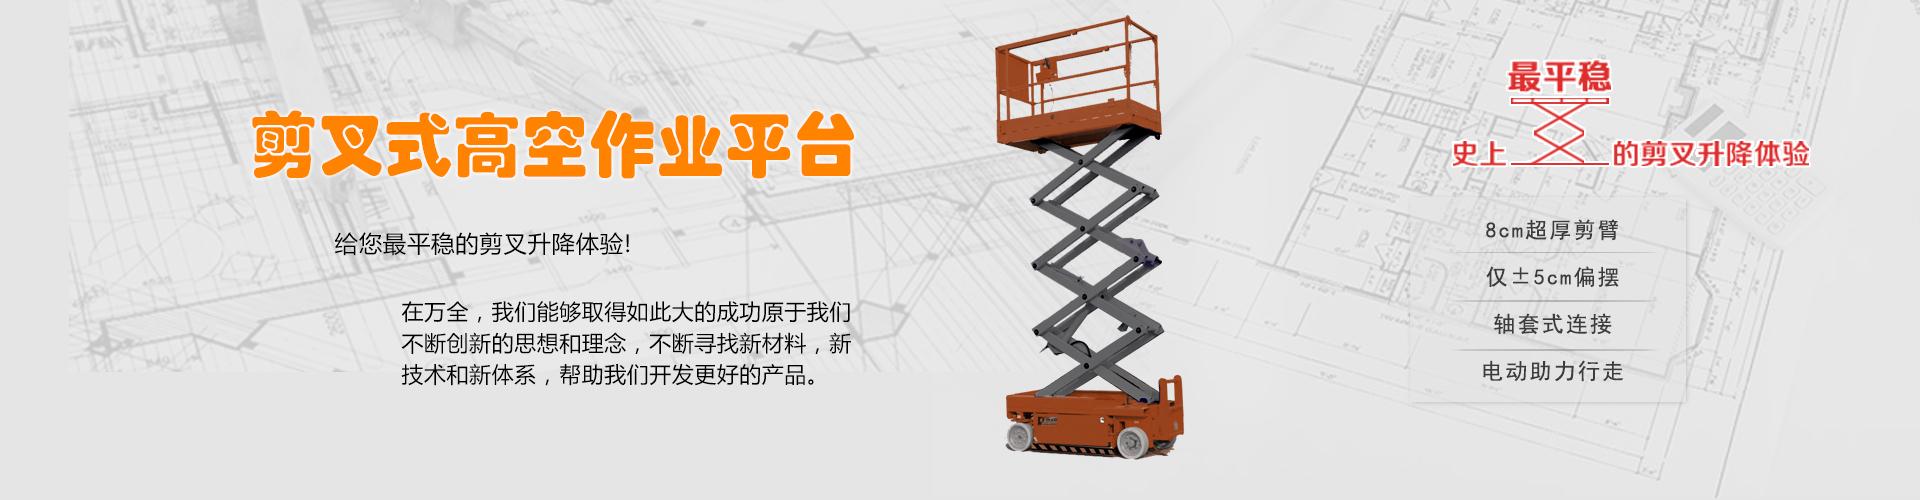 固定式升降货梯是现代工业厂房的重要货物运送设备,可是我们在安装固定式升降货梯时应注意的事项有哪些呢?下面济南华工升降机厂家为大家讲解一下。 1、将固定式升降货梯所有的滚轮、背轮间隙调整好,以保证吊笼运行平稳。 2、确保上、下限位开关距限位碰铁的距离,必须保证极限开关触柄与上下极限碰铁的距离在极限开关断开位置时,其触柄距碰铁0.